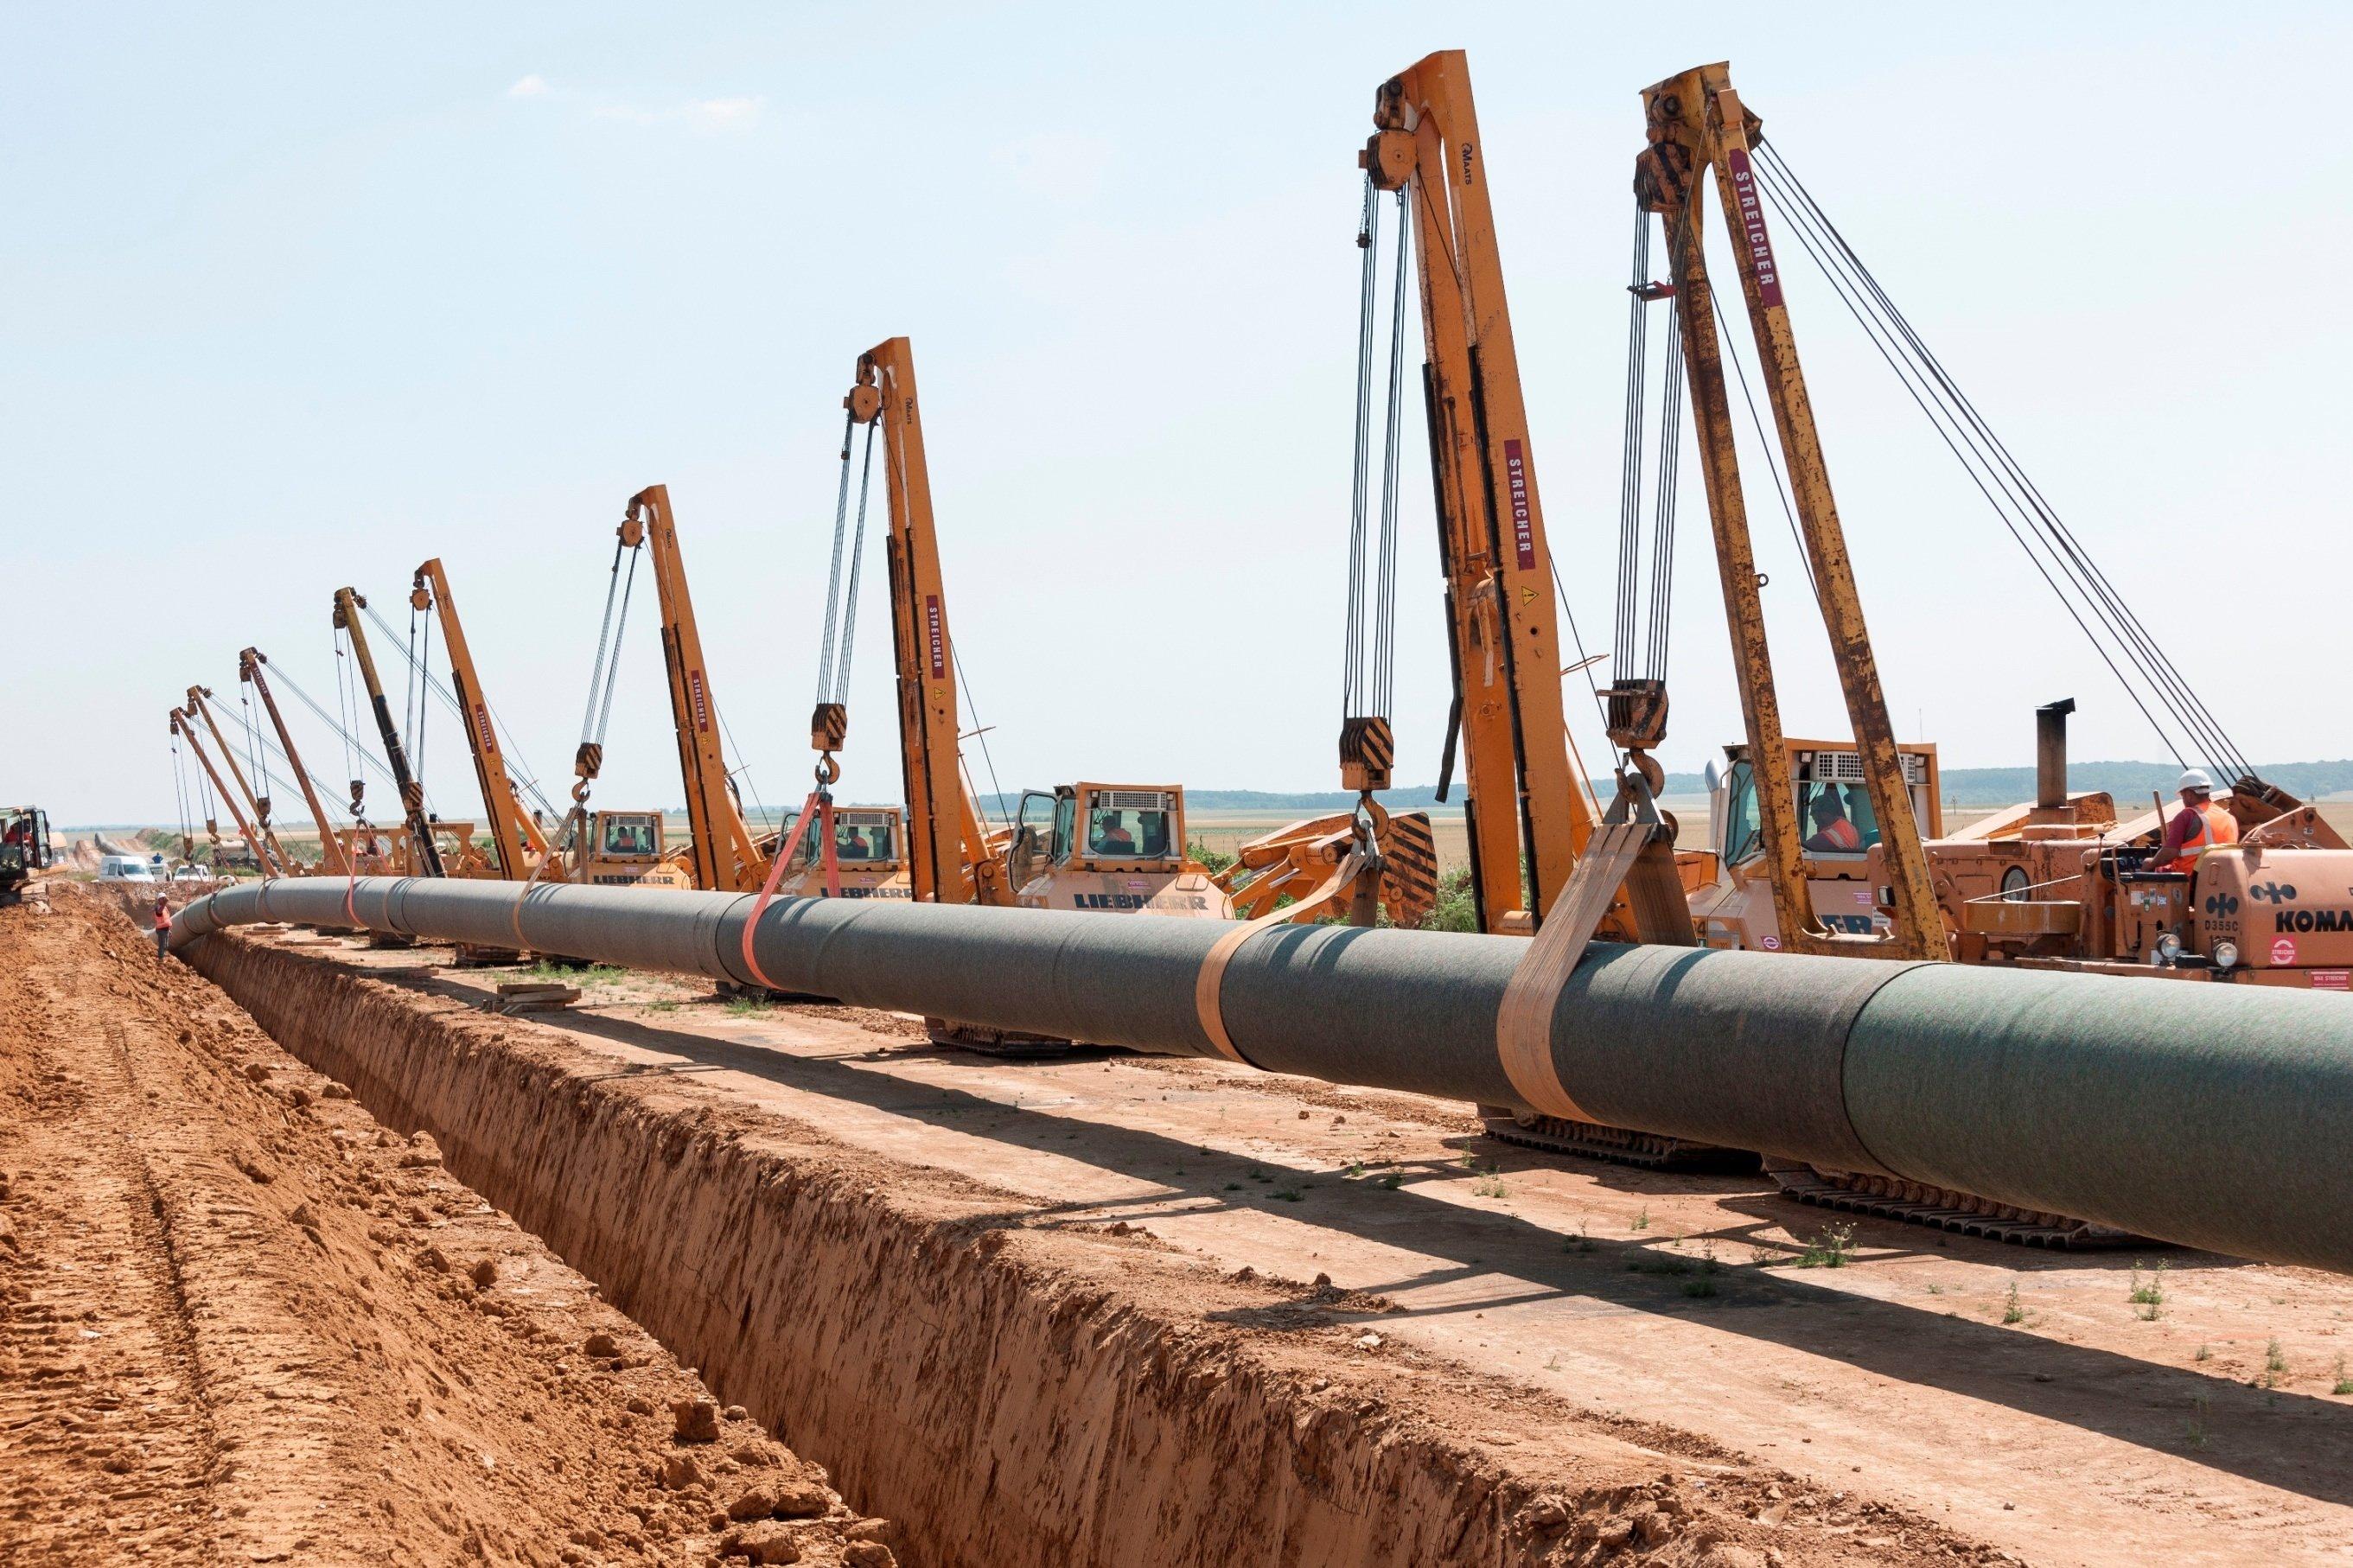 Neun Seitenbaumraupen senken die Pipeline in den Rohrgraben ab. Bei Unterquerungen von Straßen oder Flüssen werden auch grabenlose Verfahren wie das Microtunneling oder Direct Pipe angewandt.